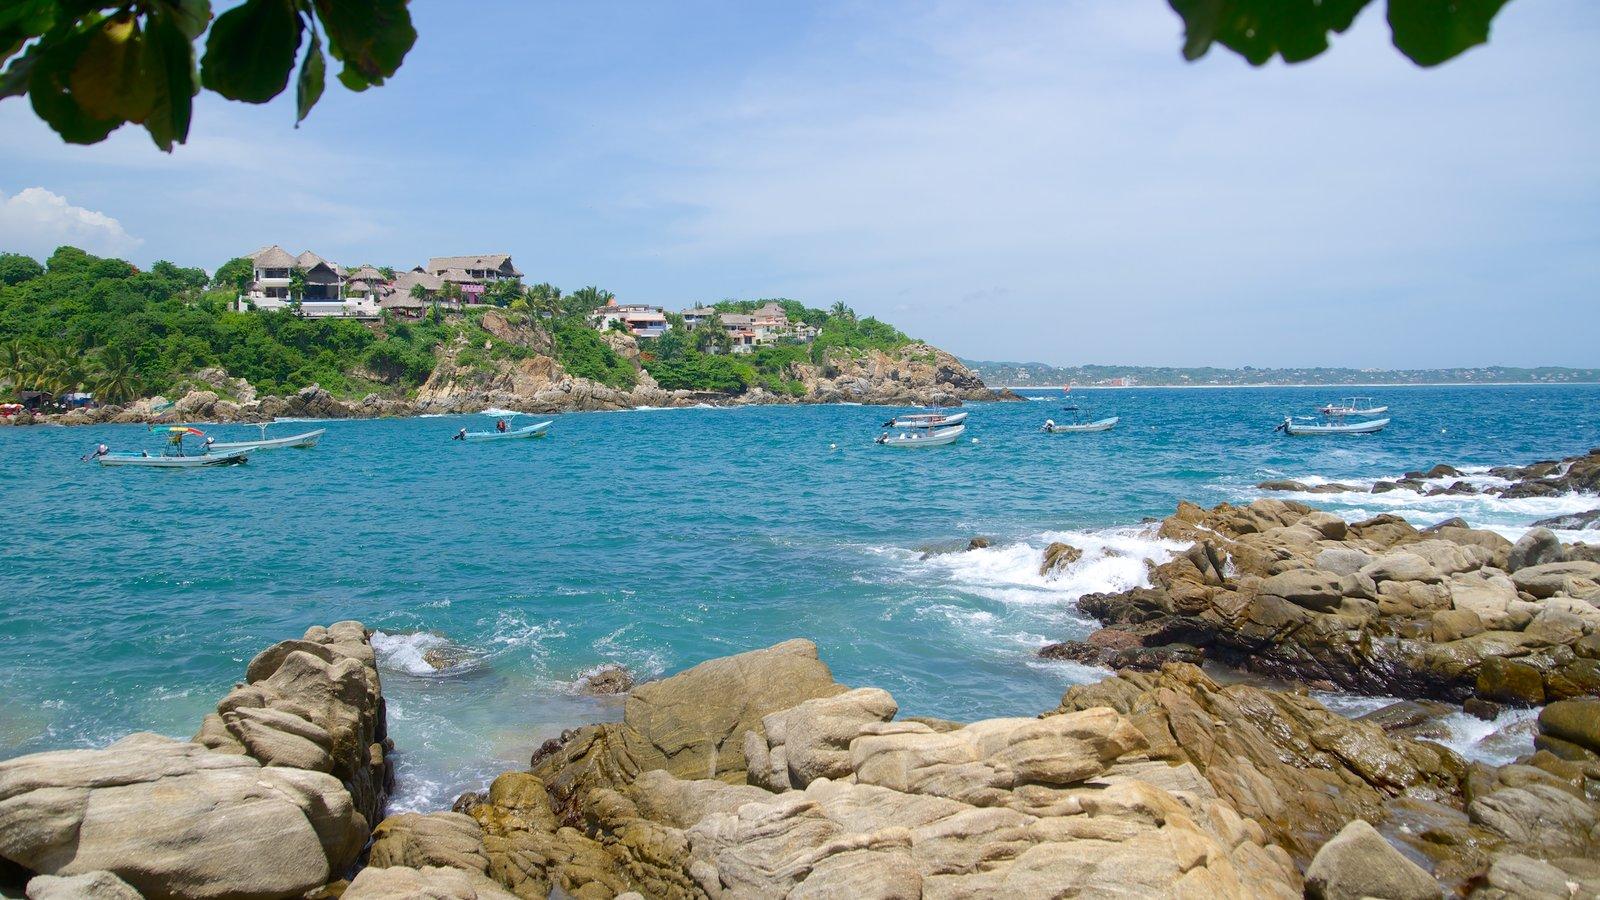 Playa Puerto Angelito que incluye una bahía o puerto y costa escarpada